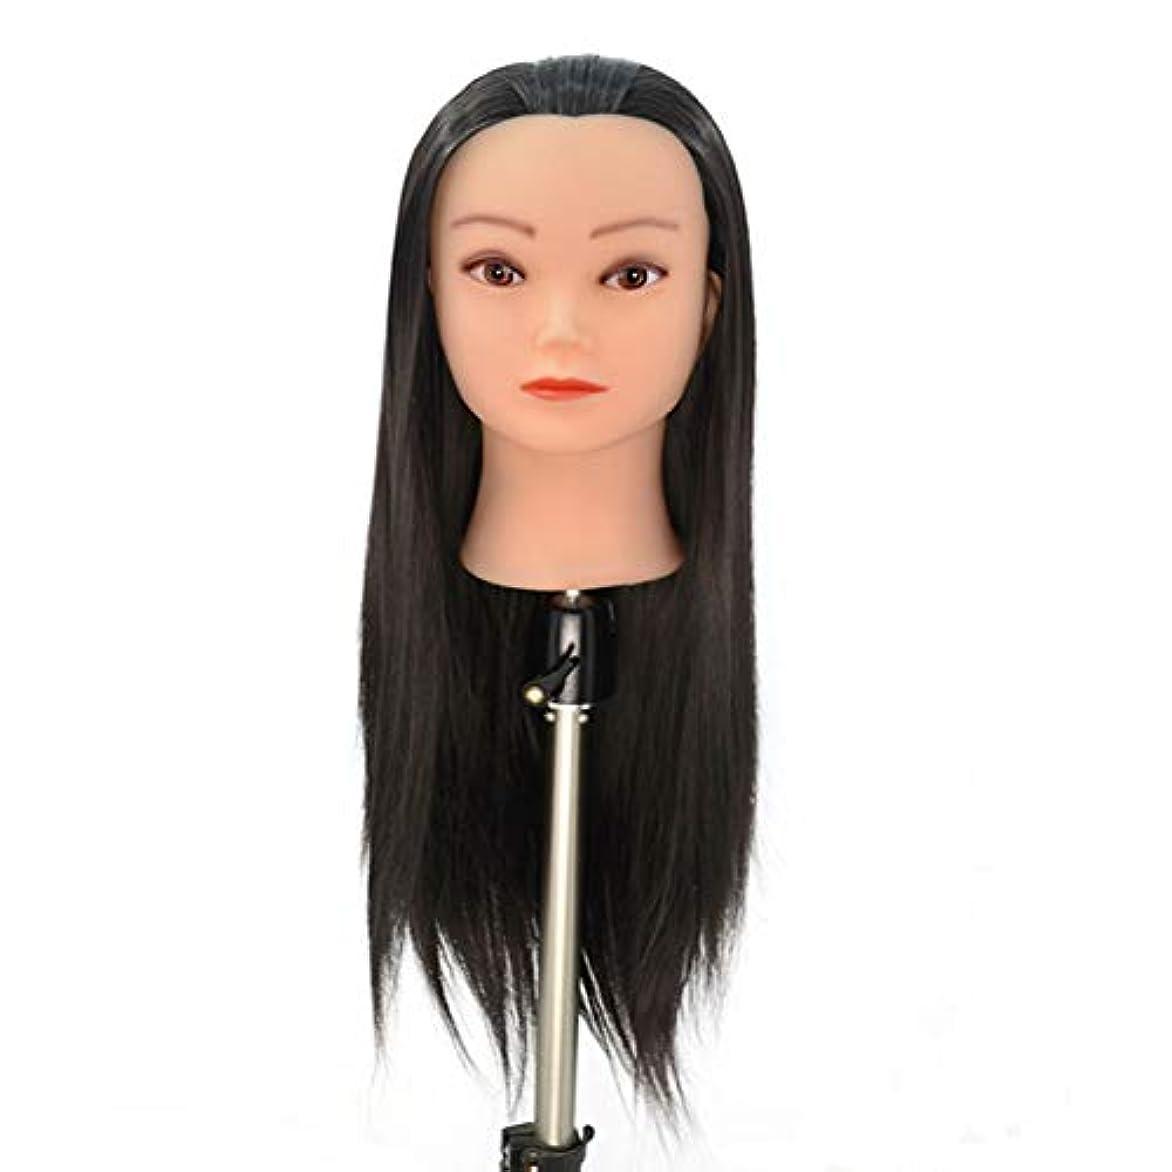 気配りのある静かに無法者は、花嫁の髪編組ひも学習ヘッドモデル理髪モデルヘッド理髪サロン散髪ダミー練習ヘッド